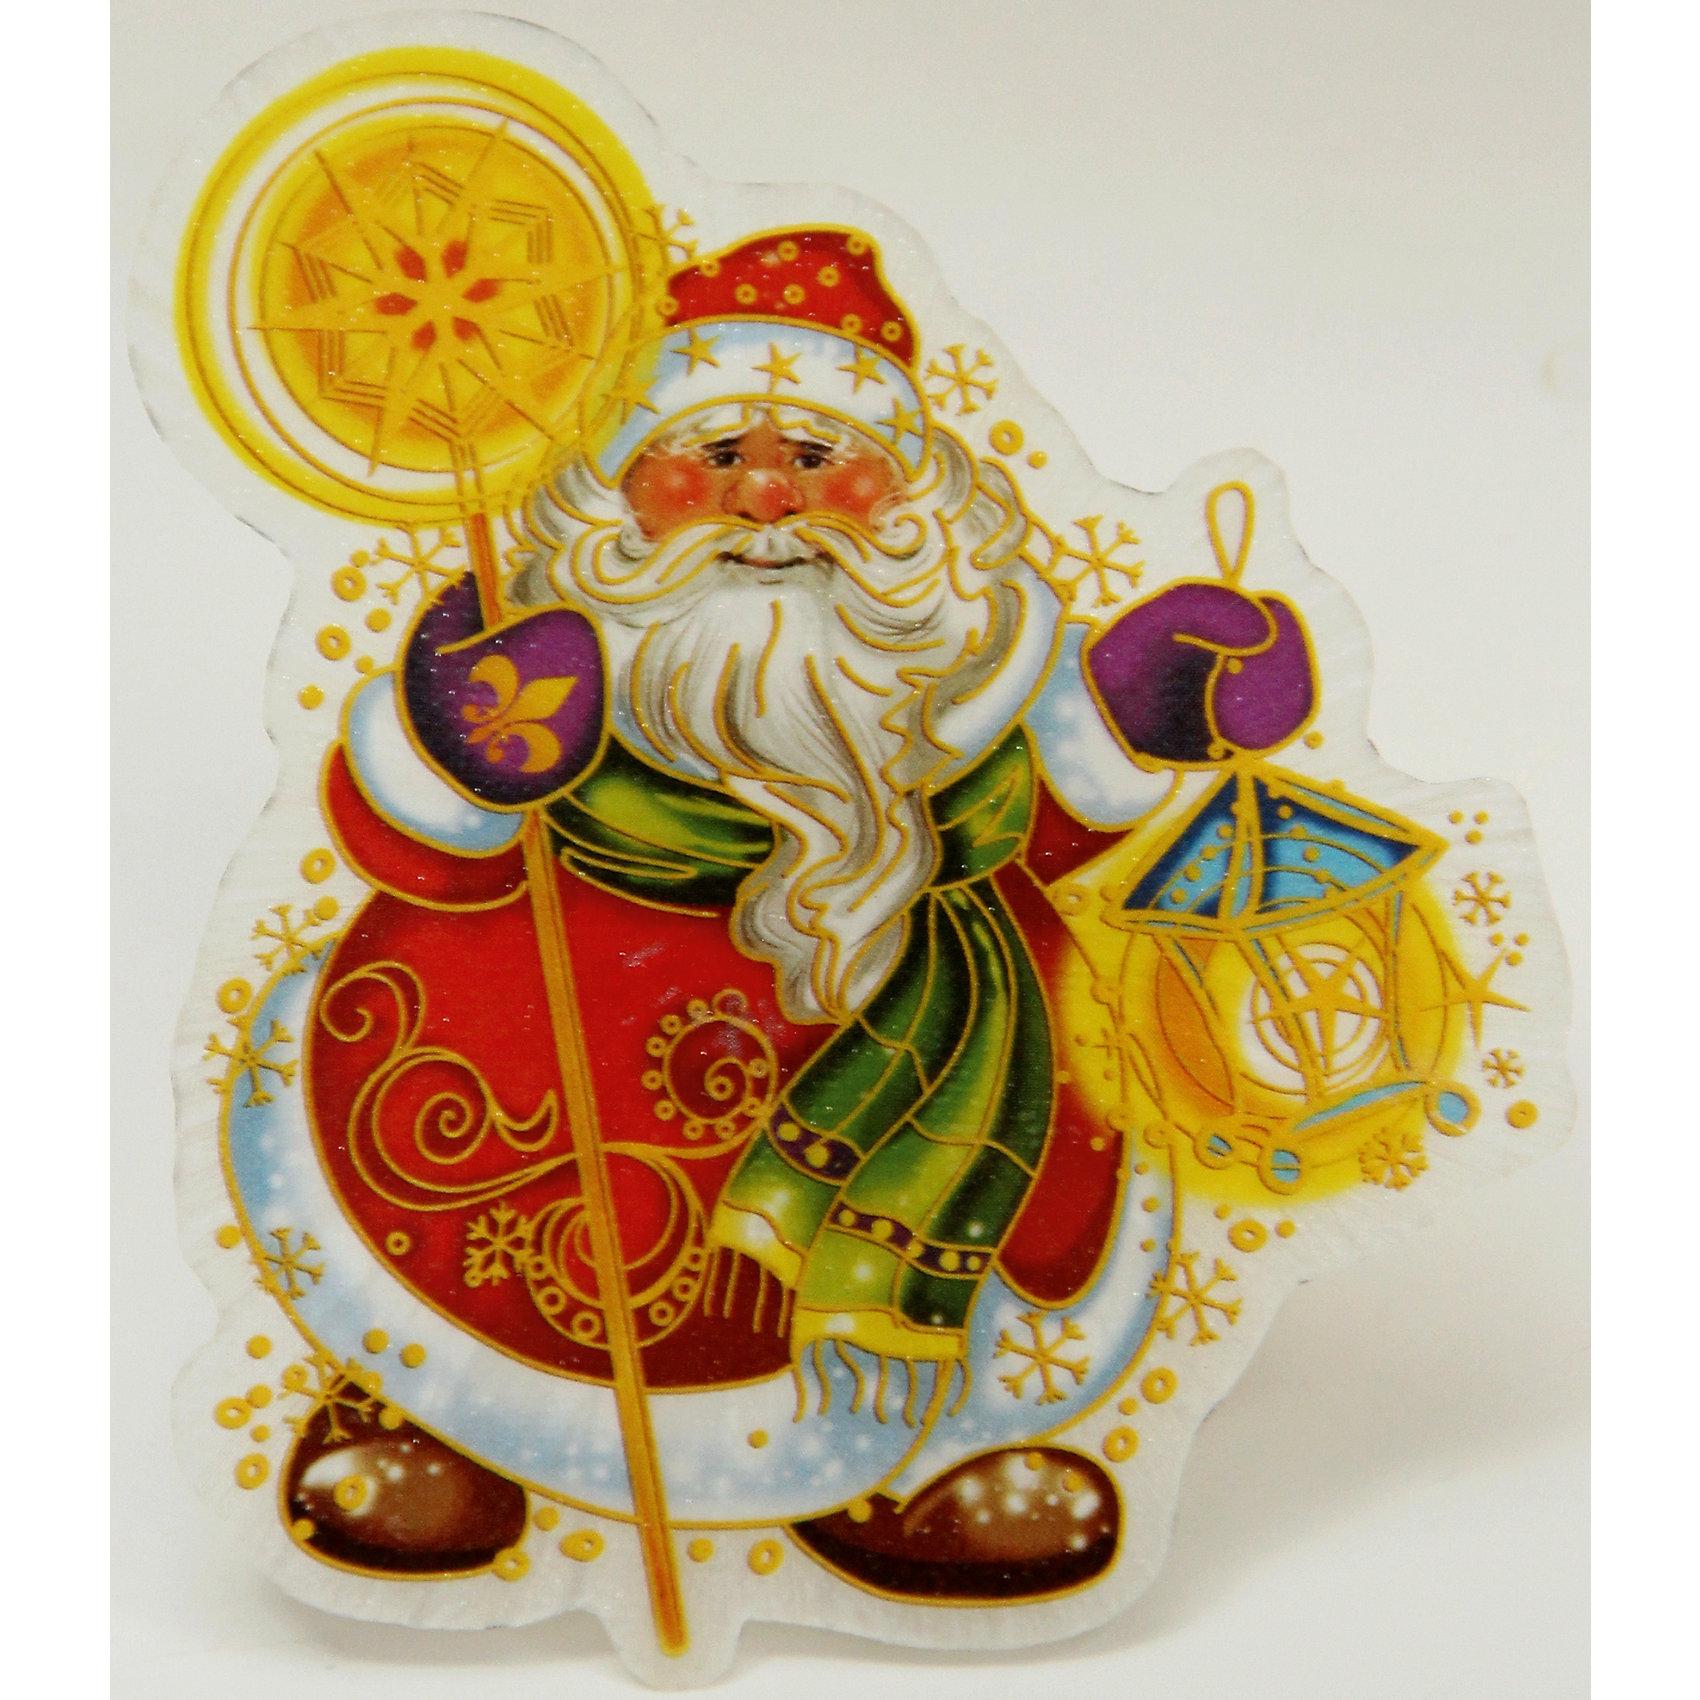 Украшение Дед Мороз со светодиодной подсветкойВсё для праздника<br>Сверкающие и светящиеся украшения - обязательный атрибут Нового года! Особое время - сам праздник и предновогодние хлопоты - ждут не только дети, но и взрослые! Праздничное настроение создает в первую очередь украшенный дом и наряженная ёлка. <br>Эта фигурка идет в комплекте с элементом питания, который помогает создавать для неё праздничную подсветку. Изделие произведено из безопасного для детей, прочного, но легкого, материала. Создайте с ним праздничное настроение себе и близким!<br><br>Дополнительная информация:<br><br>цвет: разноцветный;<br>материал: ПВХ;<br>элемент питания: CR2032;<br>мощность 0,06 Вт, напряжение 3 В;<br>размер: 11,5 x 10 x 3 см.<br><br>Украшение Дед Мороз со светодиодной подсветкой можно купить в нашем магазине.<br><br>Ширина мм: 100<br>Глубина мм: 100<br>Высота мм: 60<br>Вес г: 28<br>Возраст от месяцев: 36<br>Возраст до месяцев: 2147483647<br>Пол: Унисекс<br>Возраст: Детский<br>SKU: 4981627